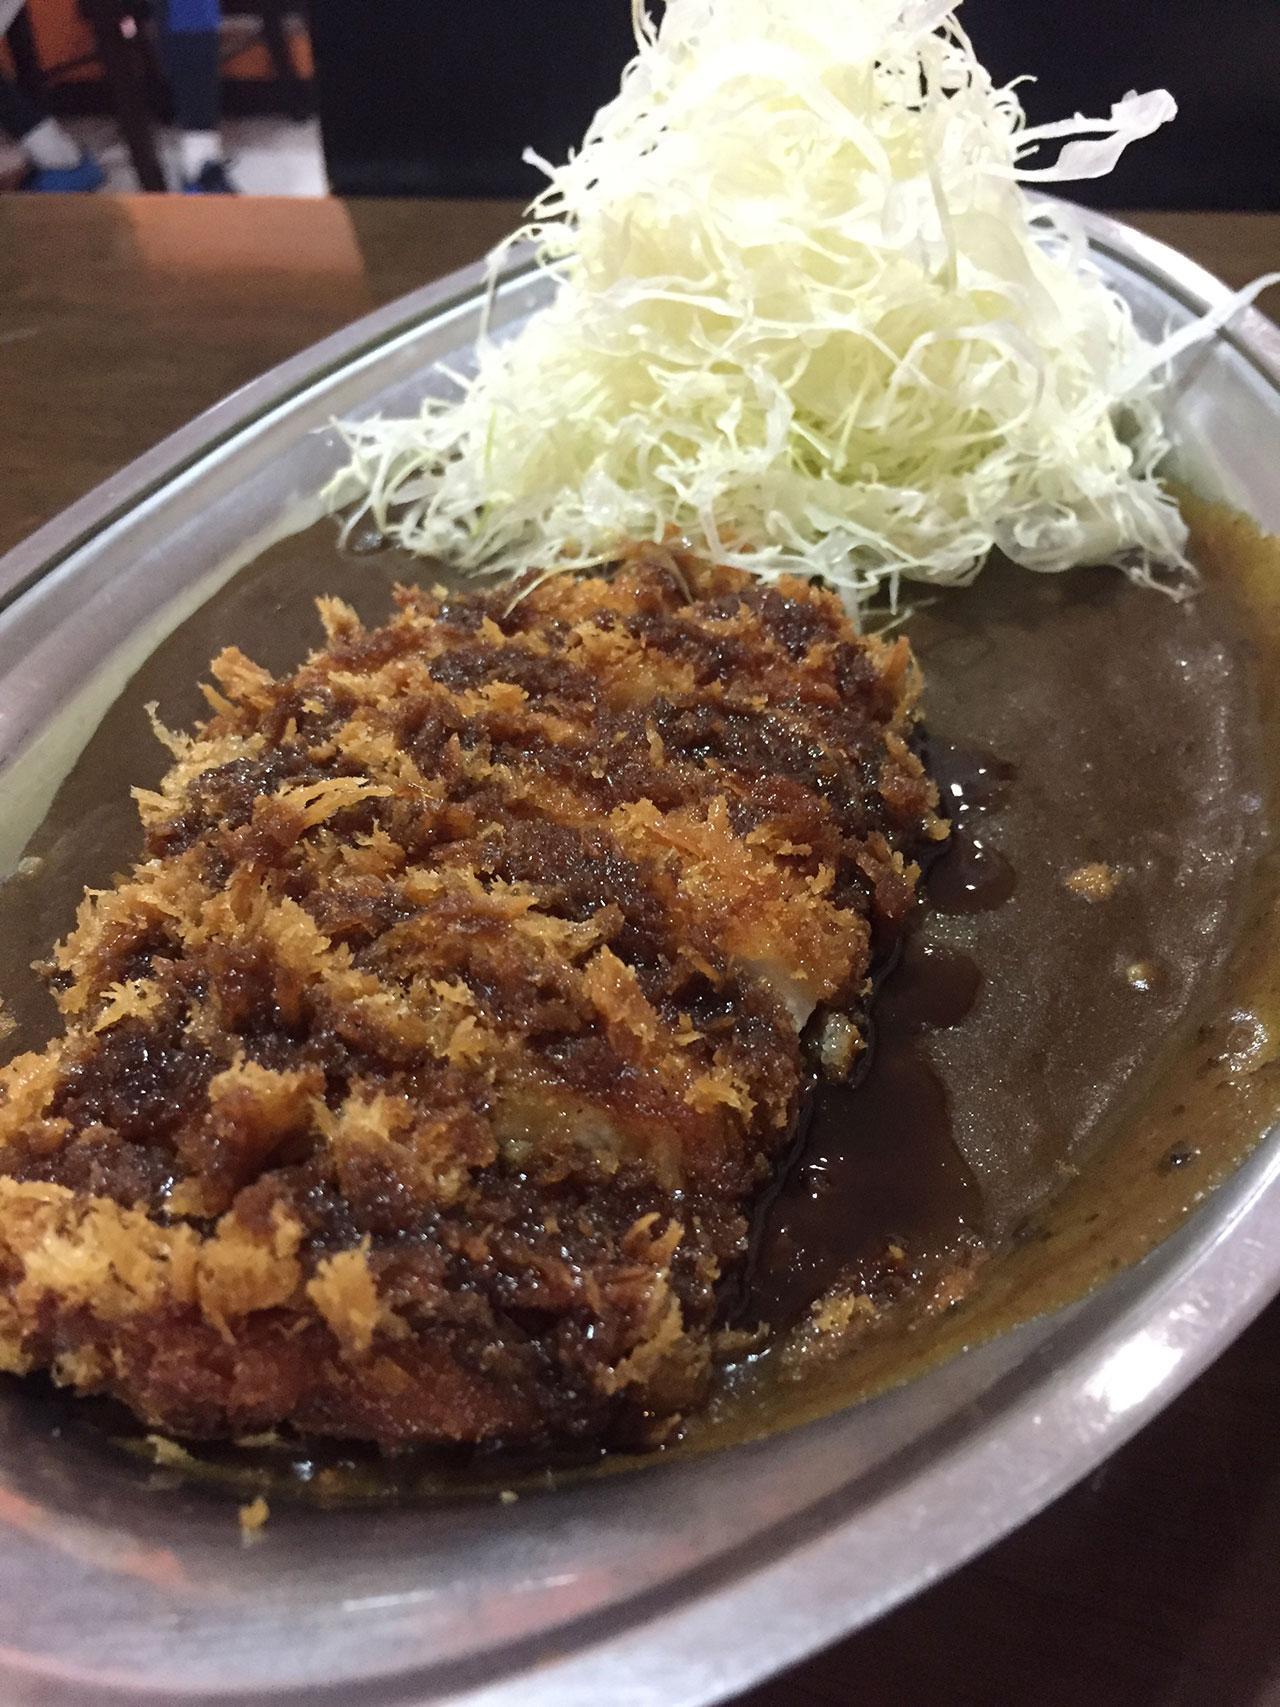 ข้าวแกงกะหรี่ เมืองคานาซาวะ จังหวัด อิชิคะวะ ที่มีรสชาติเข้มข้นสุดๆ